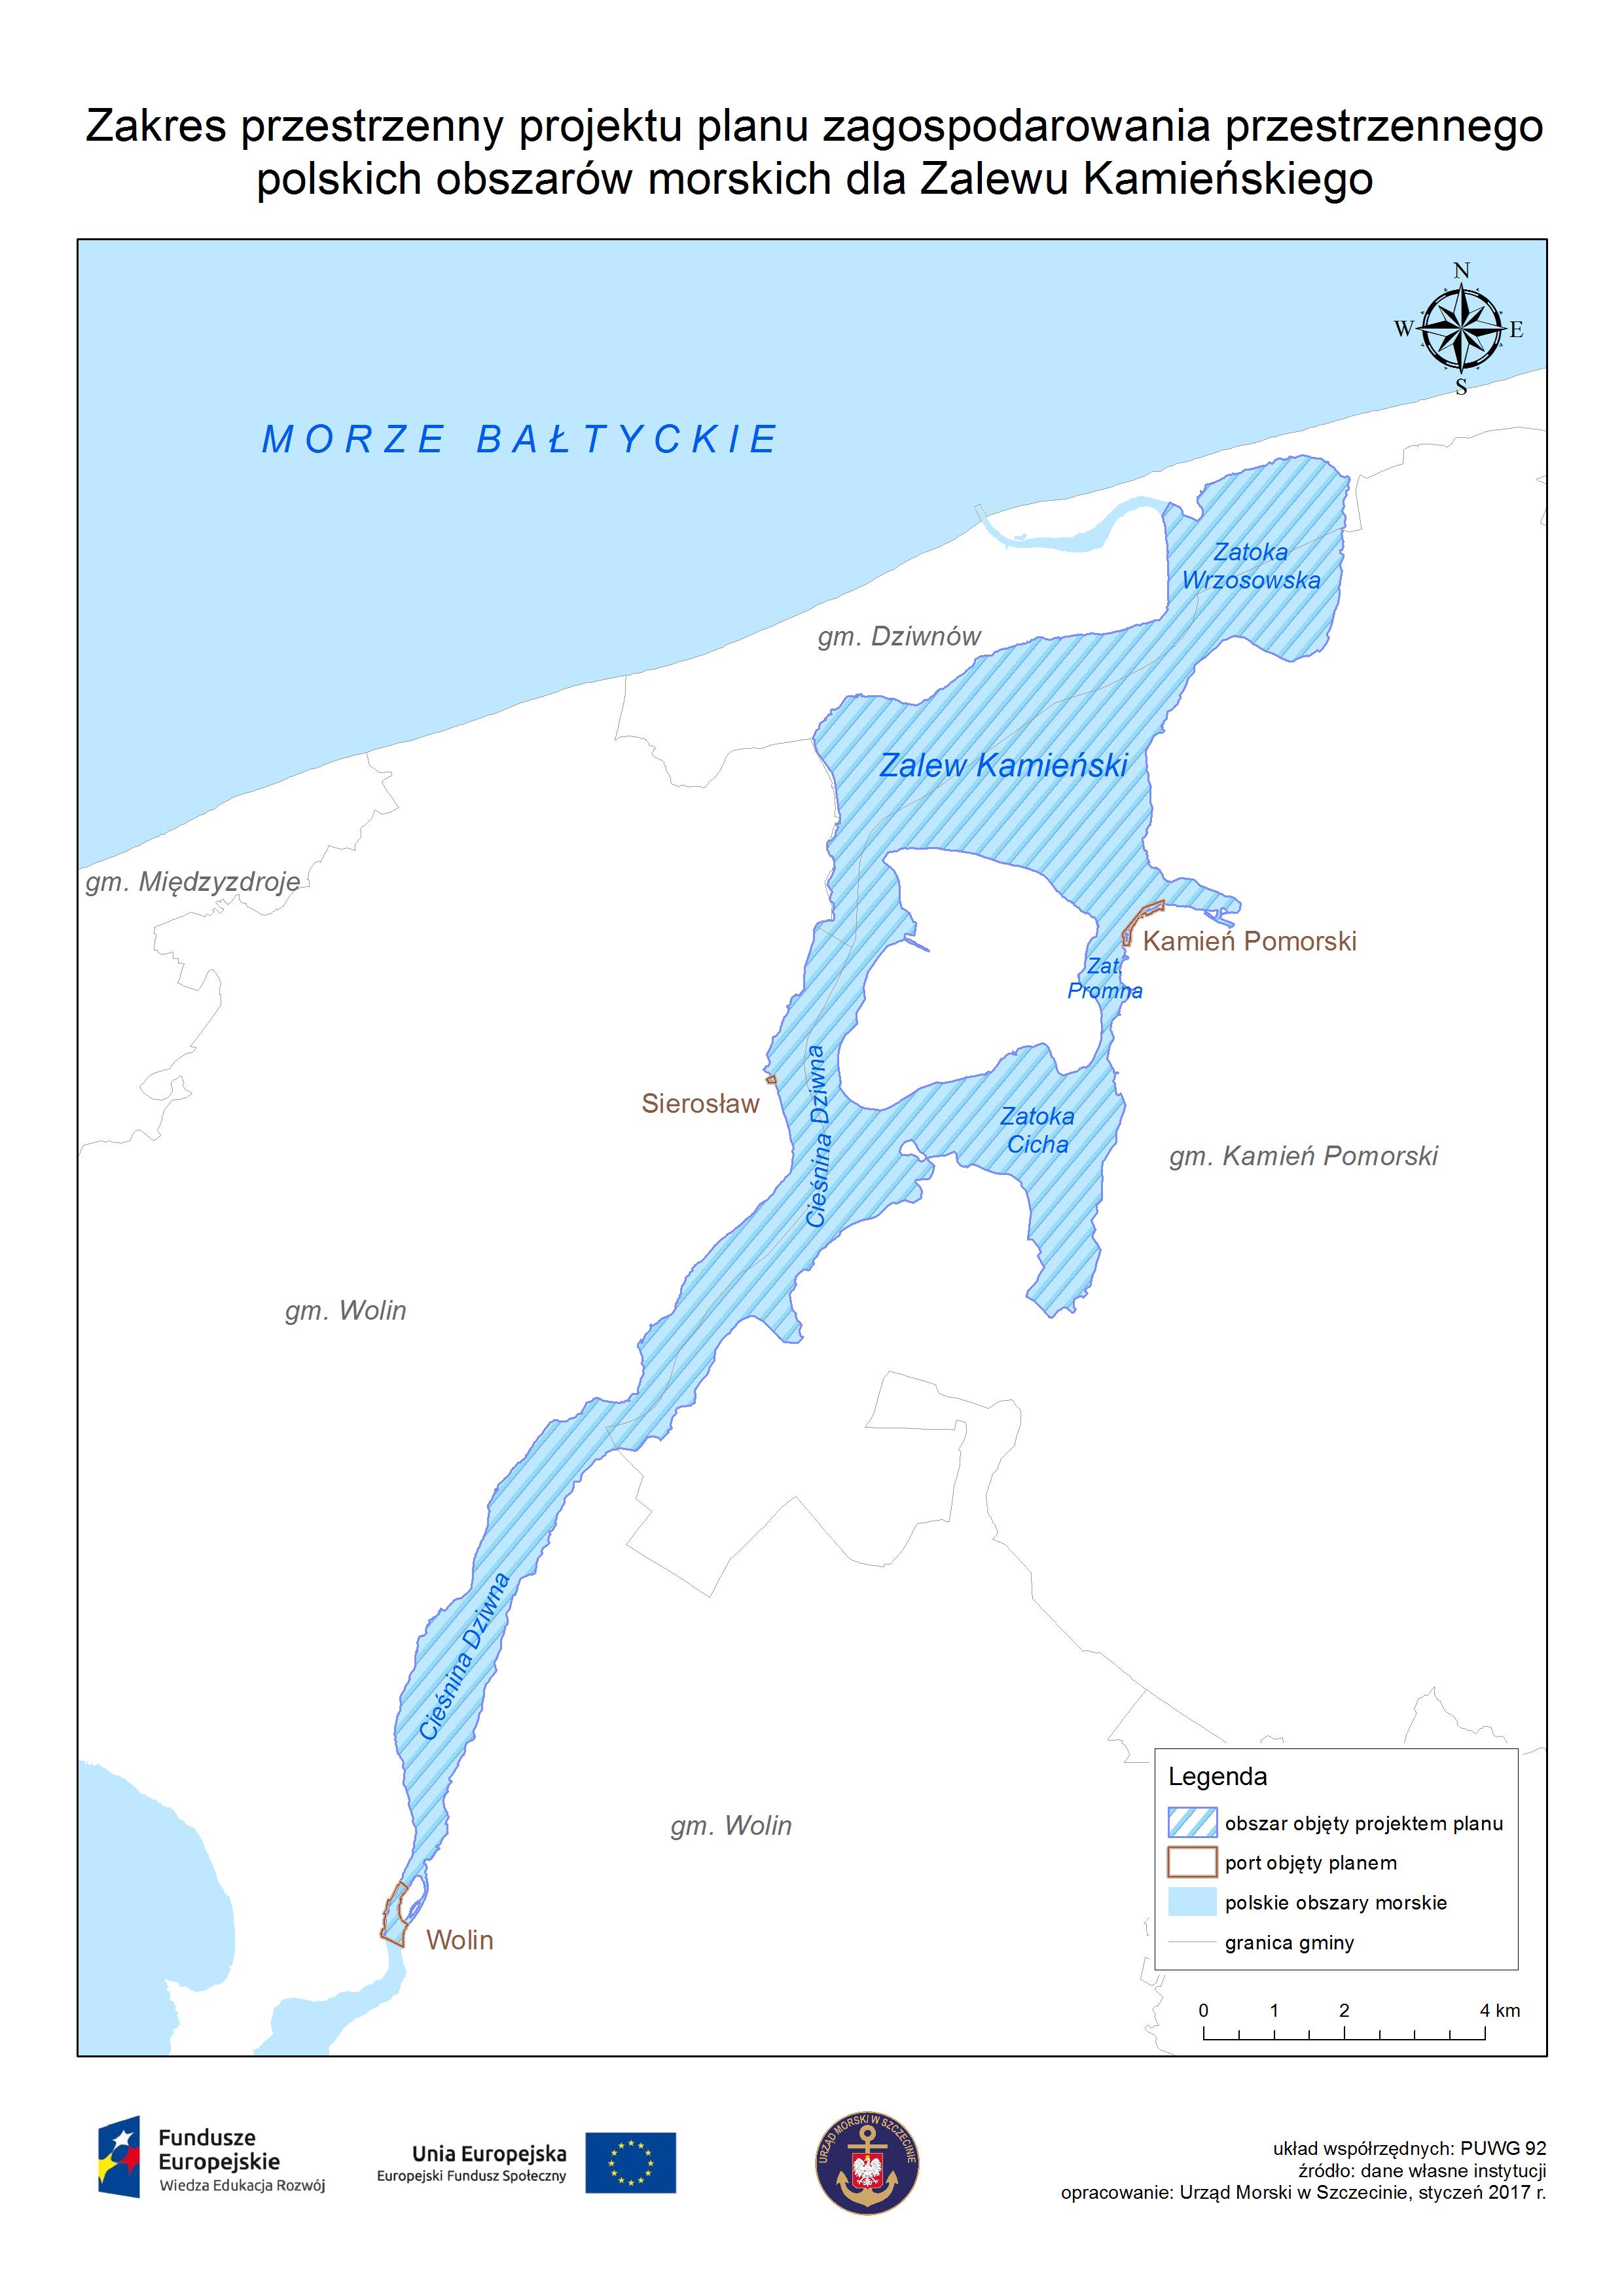 Mapa obrazująca obszar projektu planu - Zalew Kamieński